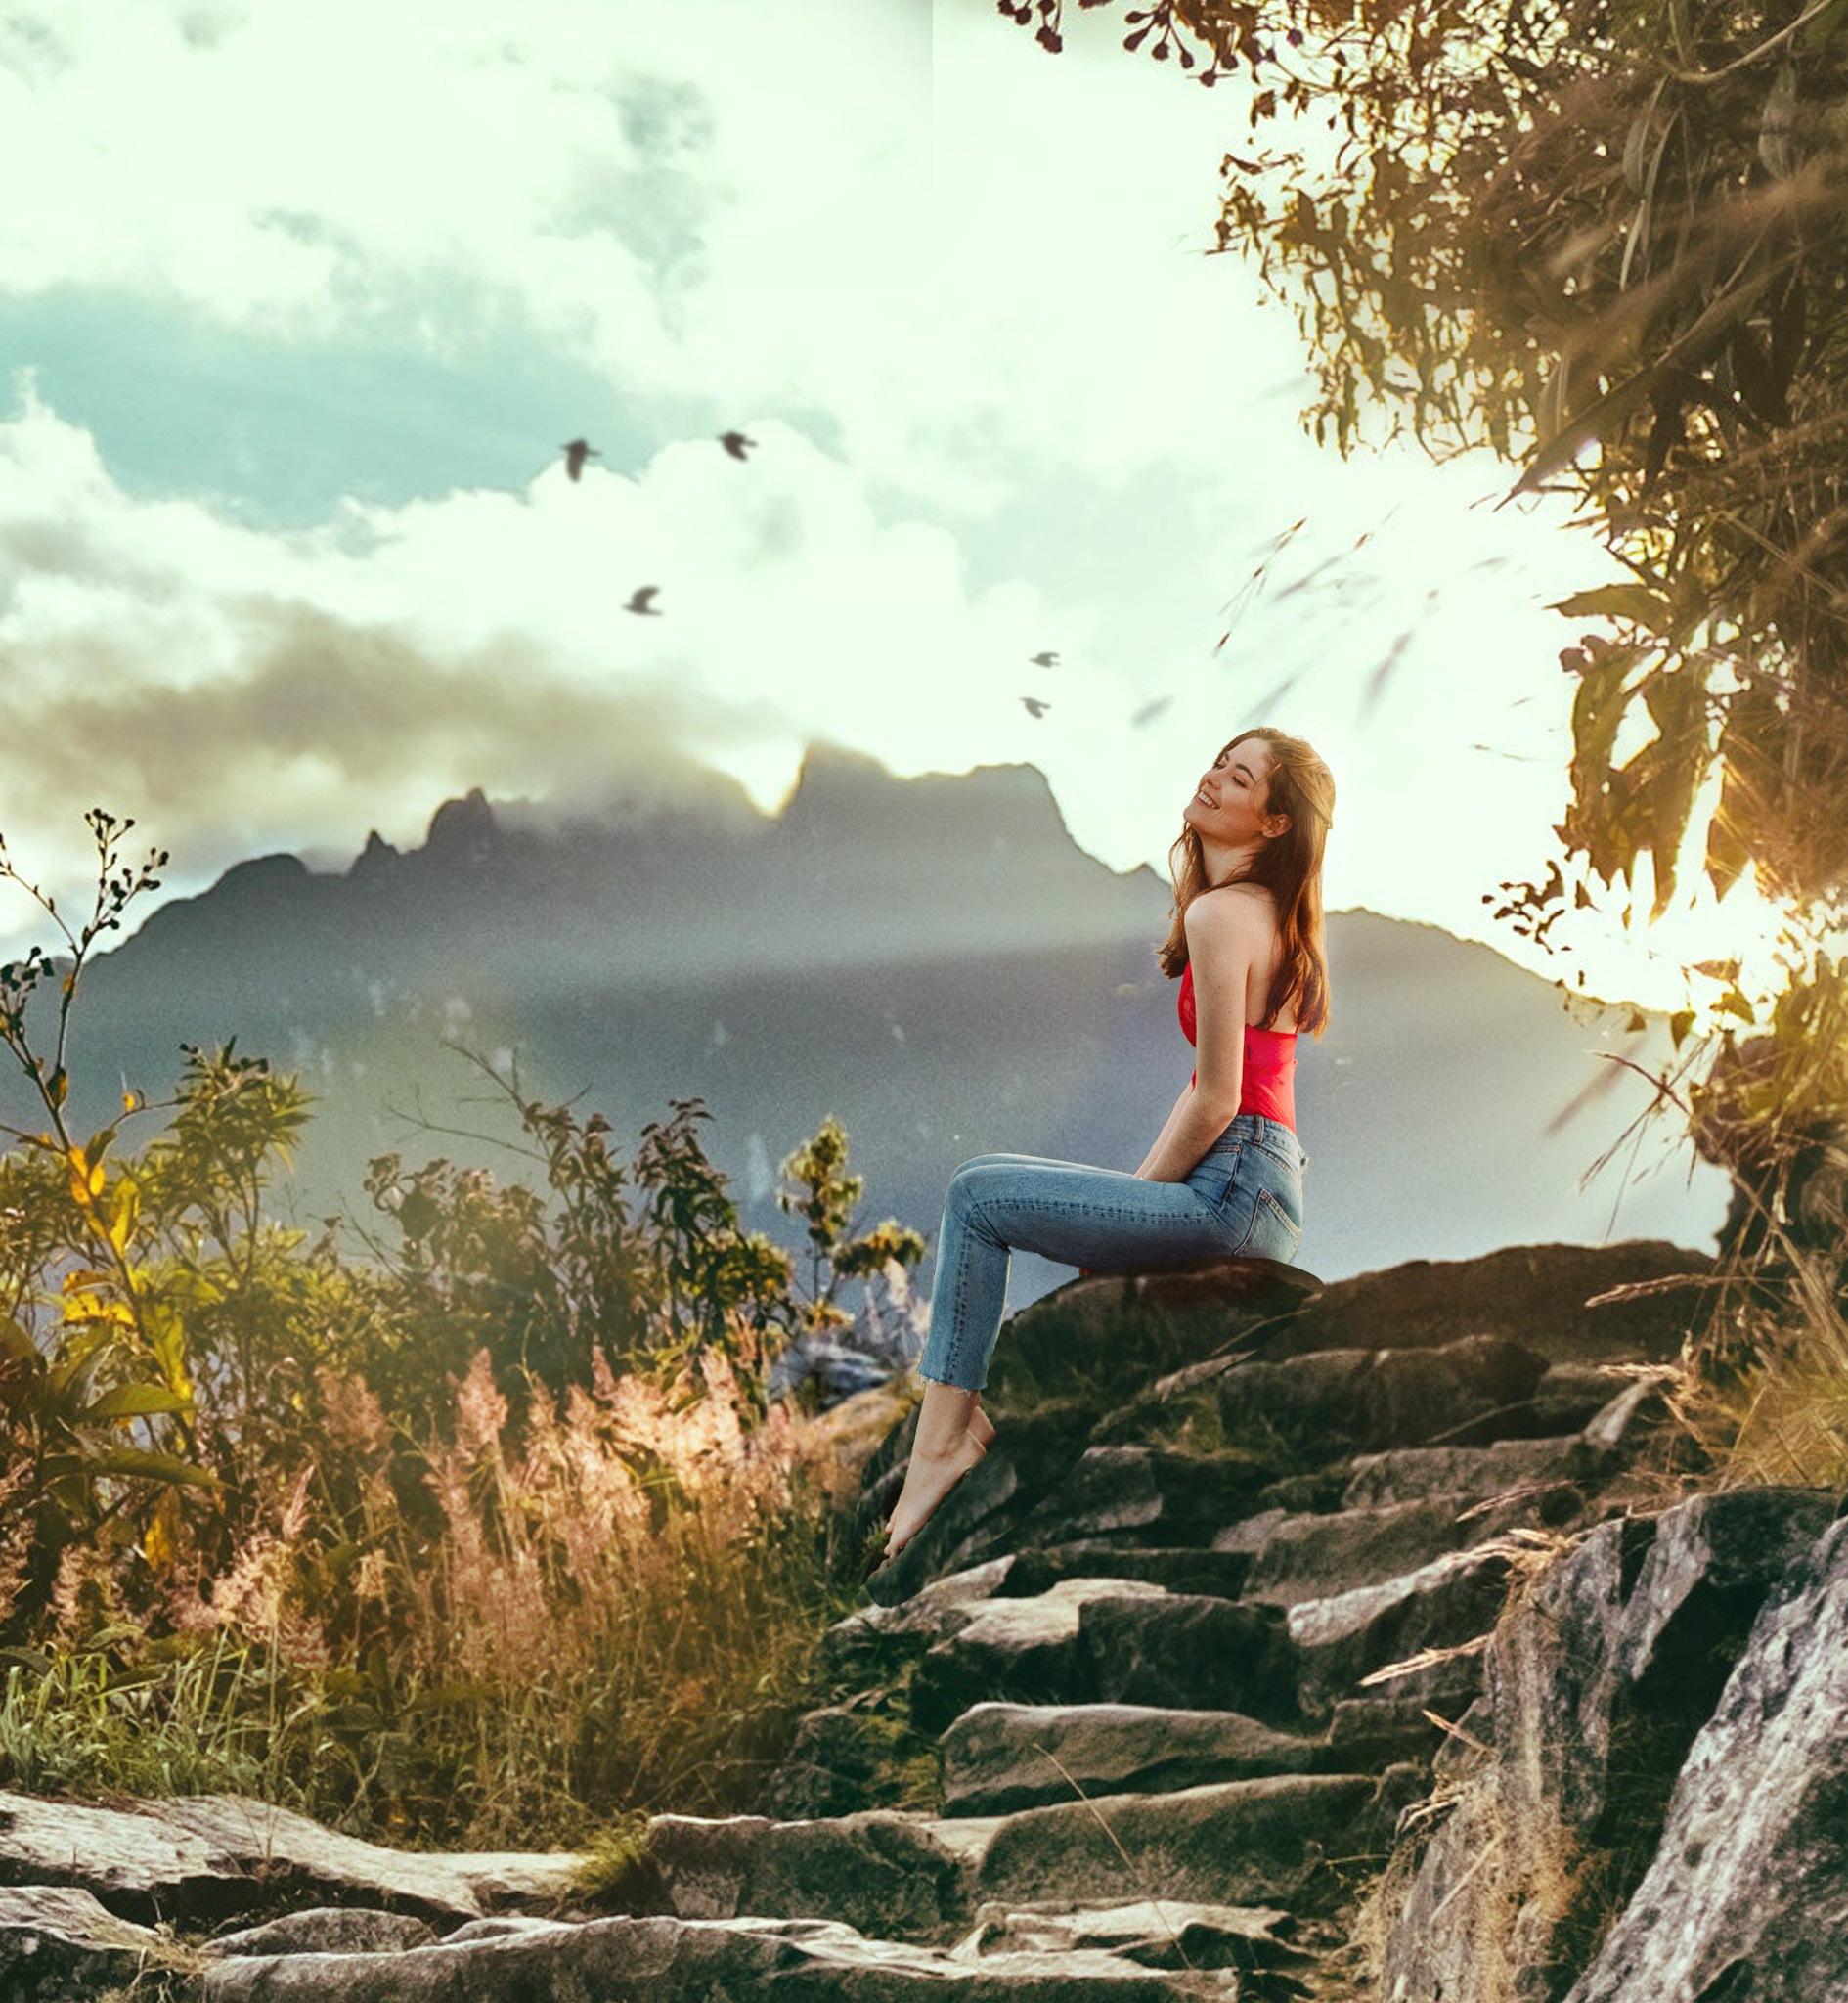 Wonder Land feeling by shivamdigitalgallery12